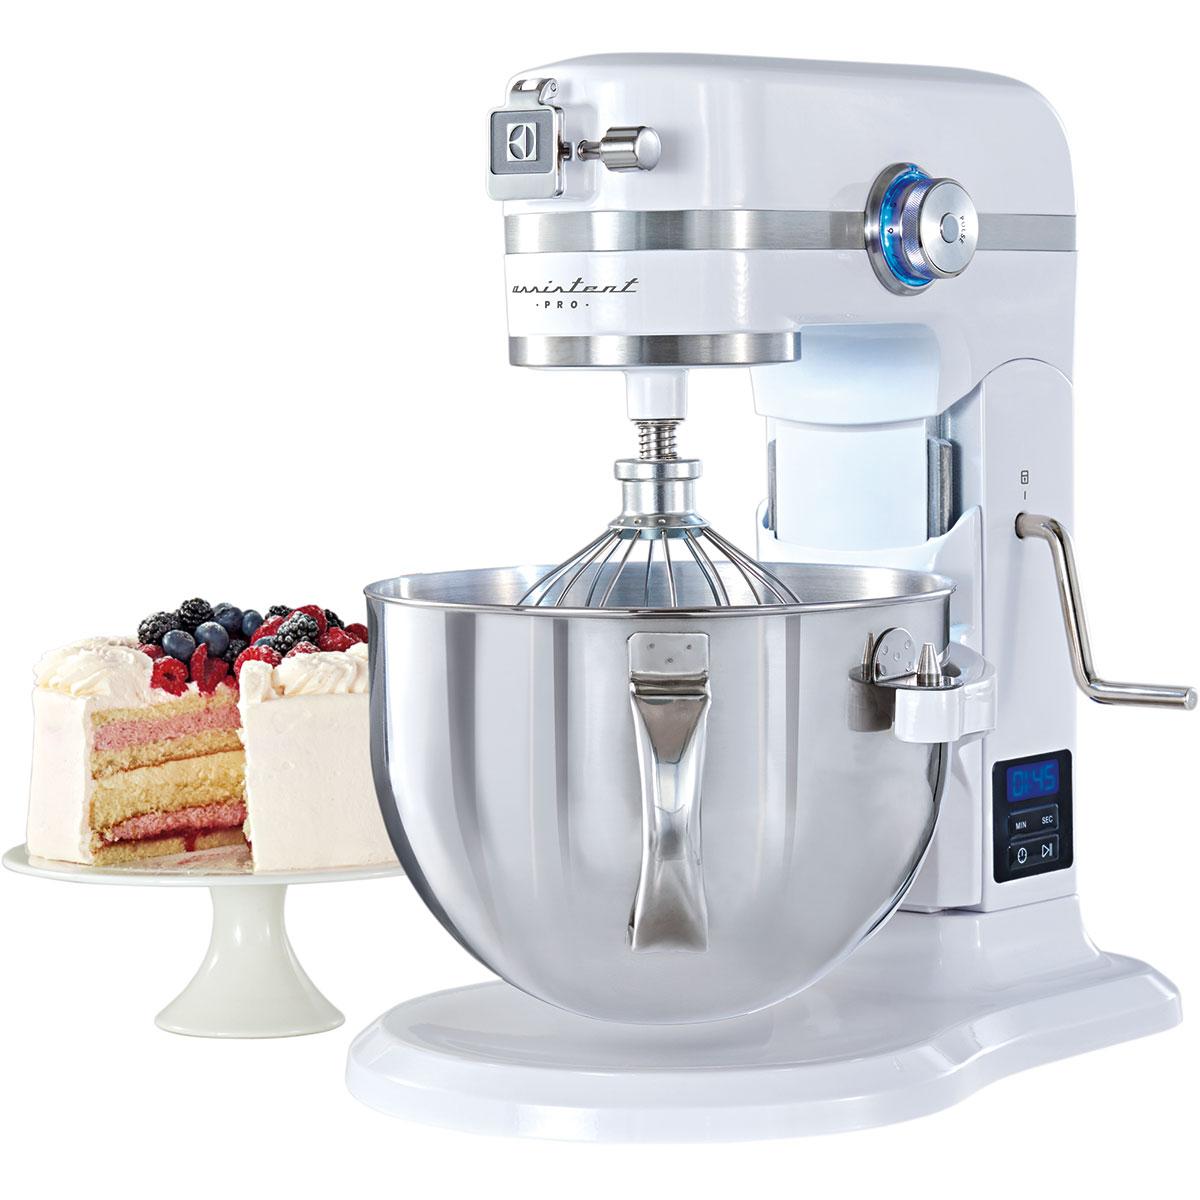 Image of   Electrolux køkkenmaskine - AssistentPRO EKM6100 - Hvid